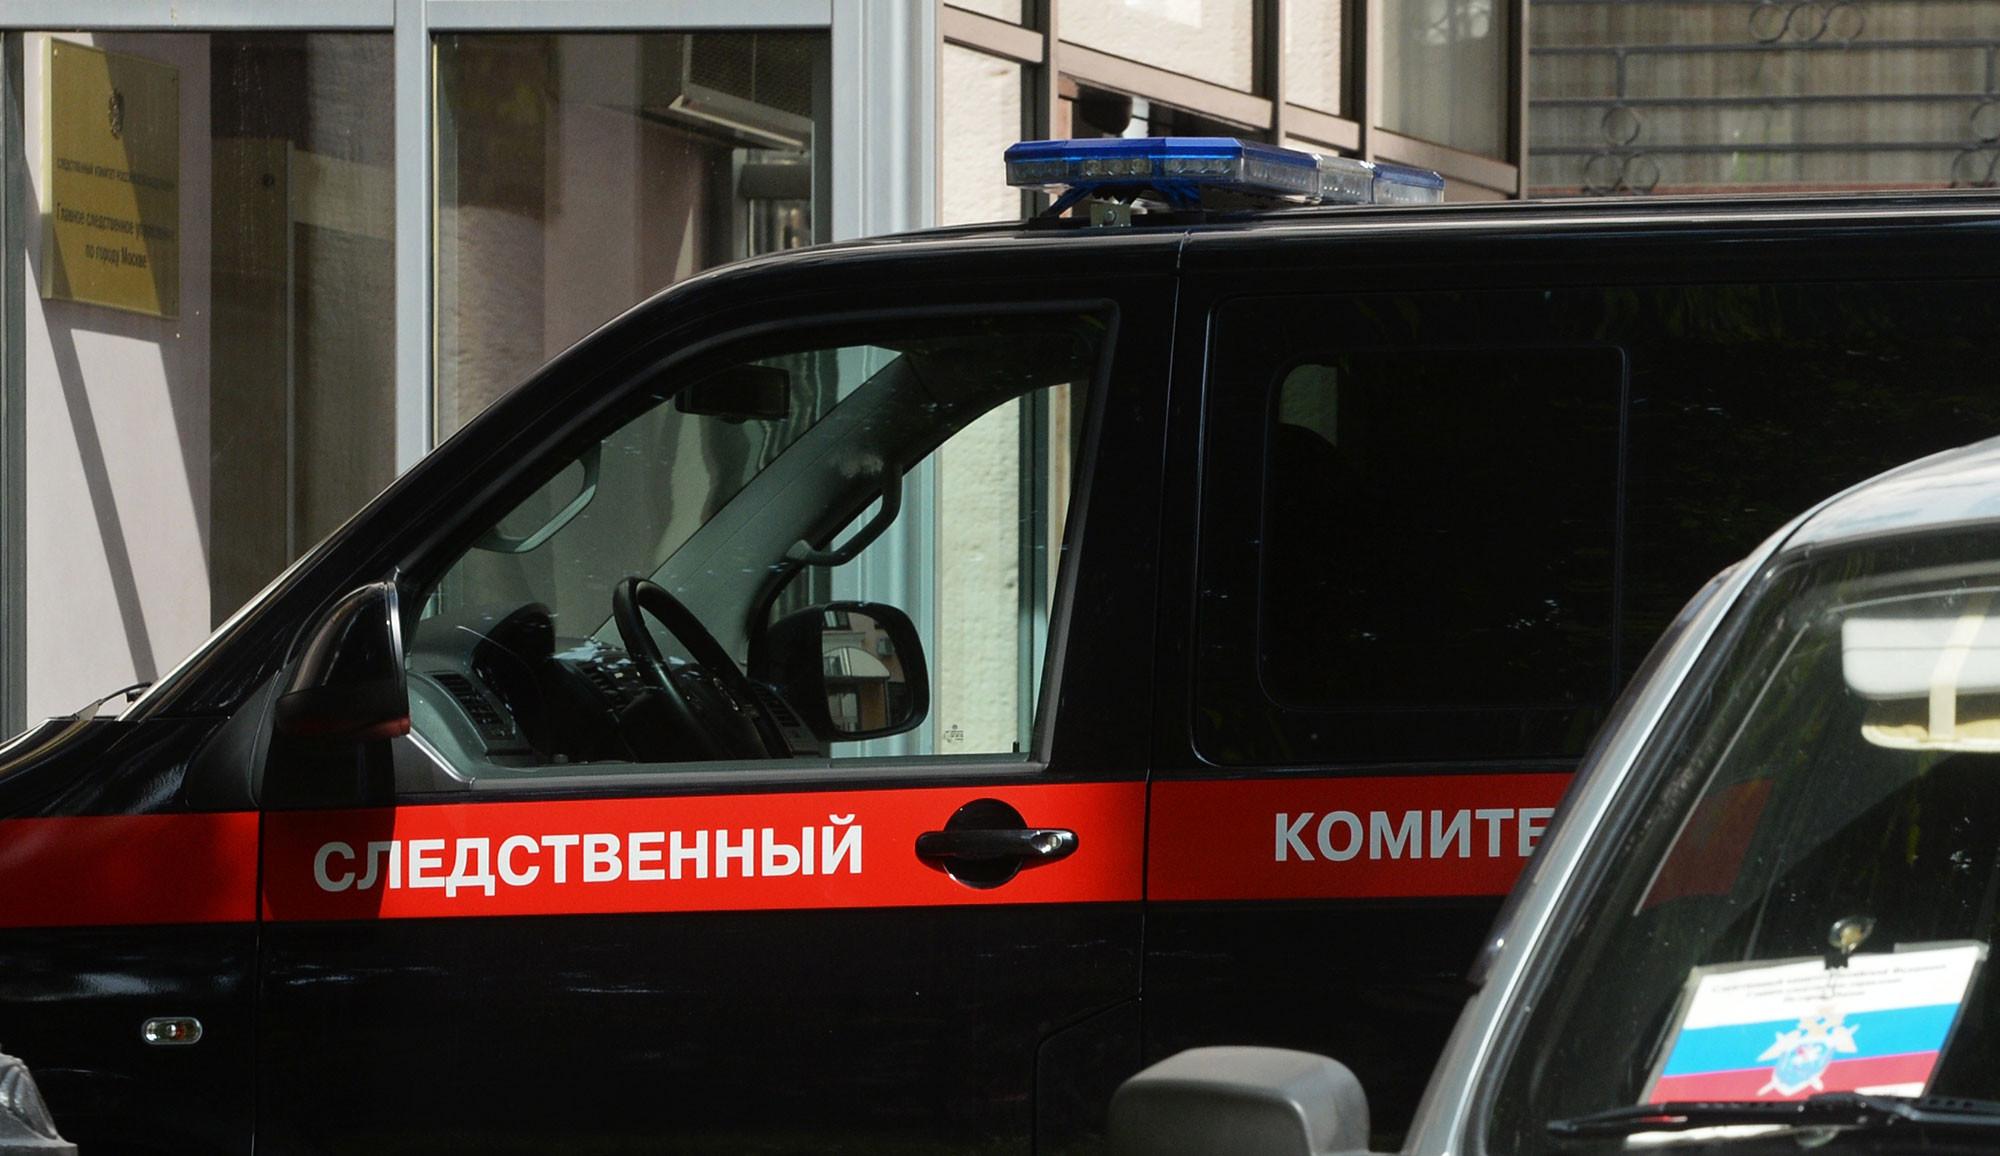 Фото: © РИА Новости / Михаил Воскресенский